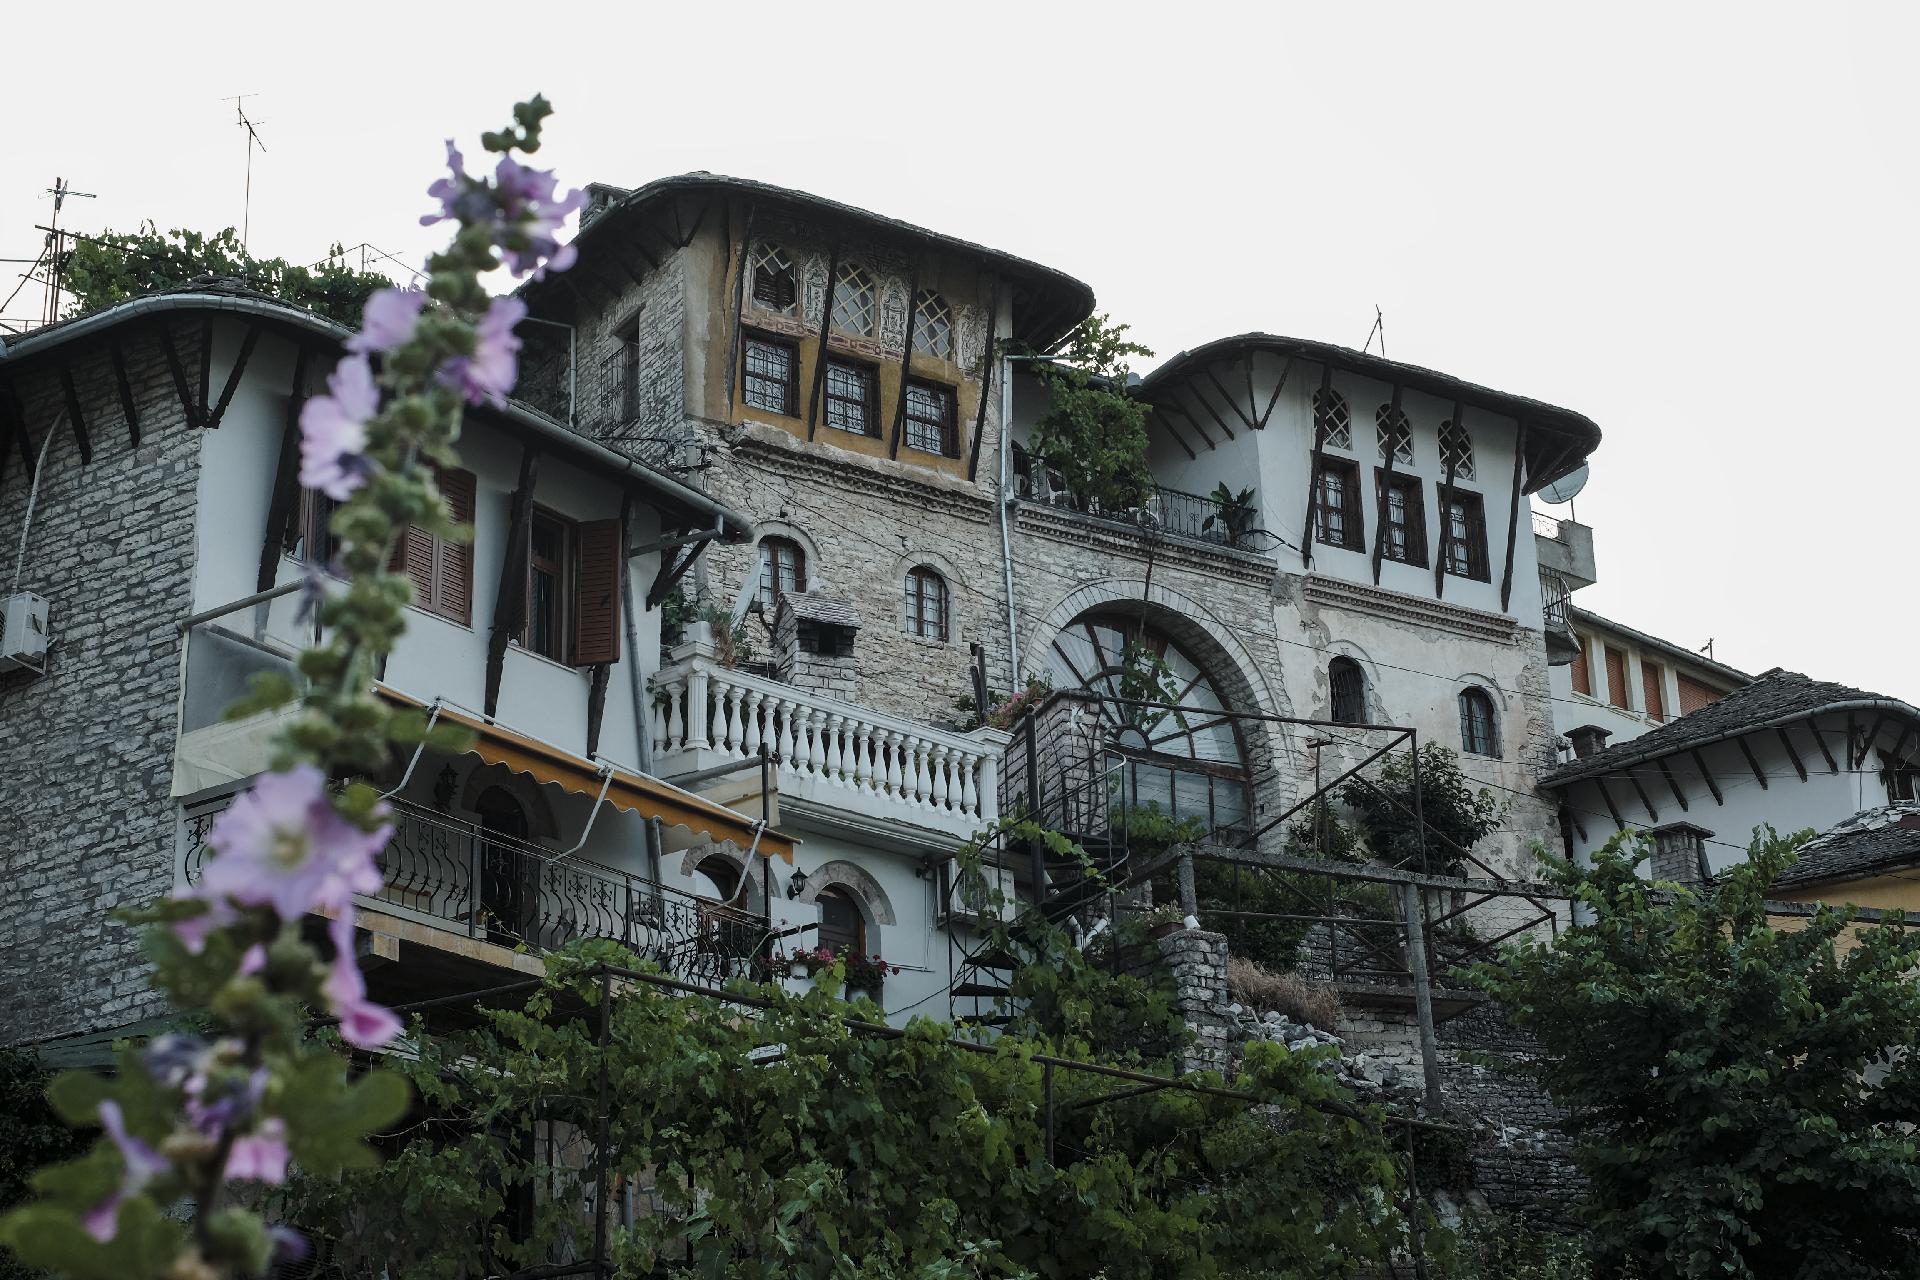 Ottoman style house in Gjirokastër